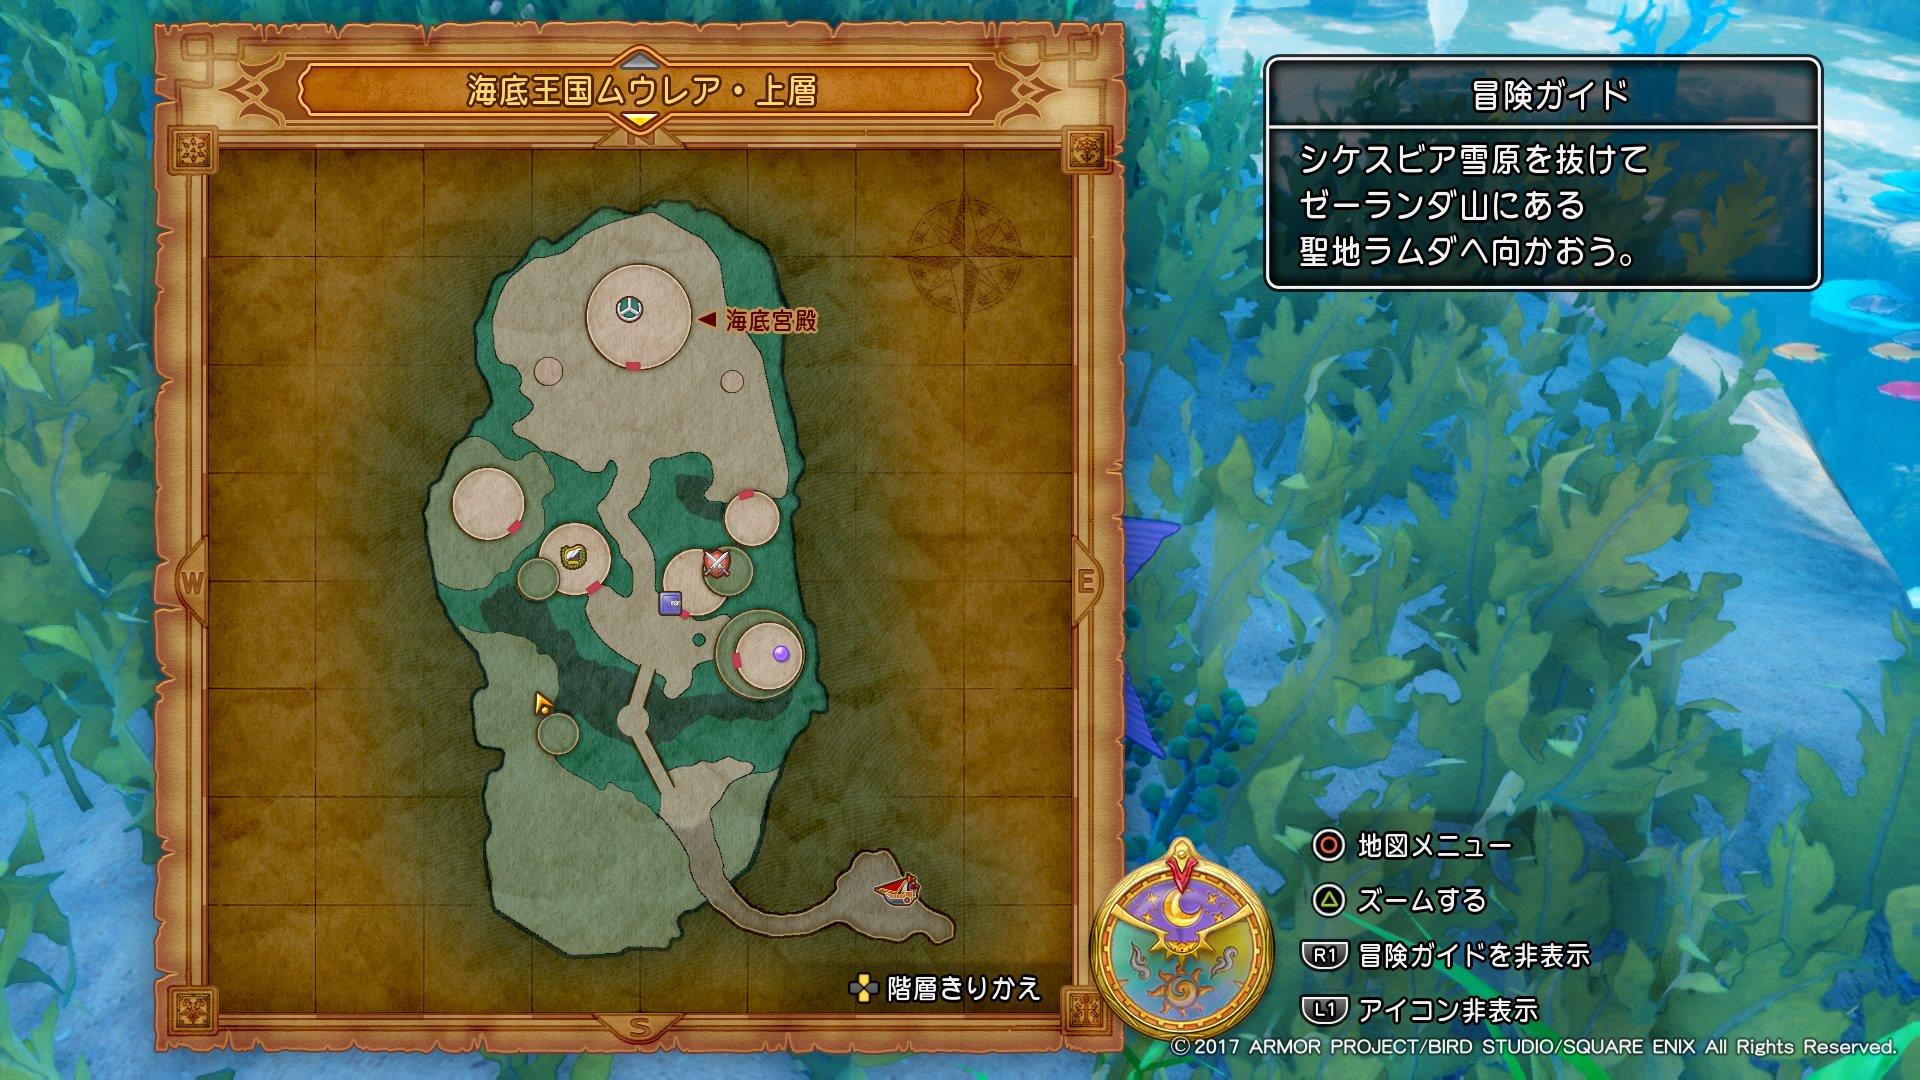 けんじゃの石の場所マップ紹介